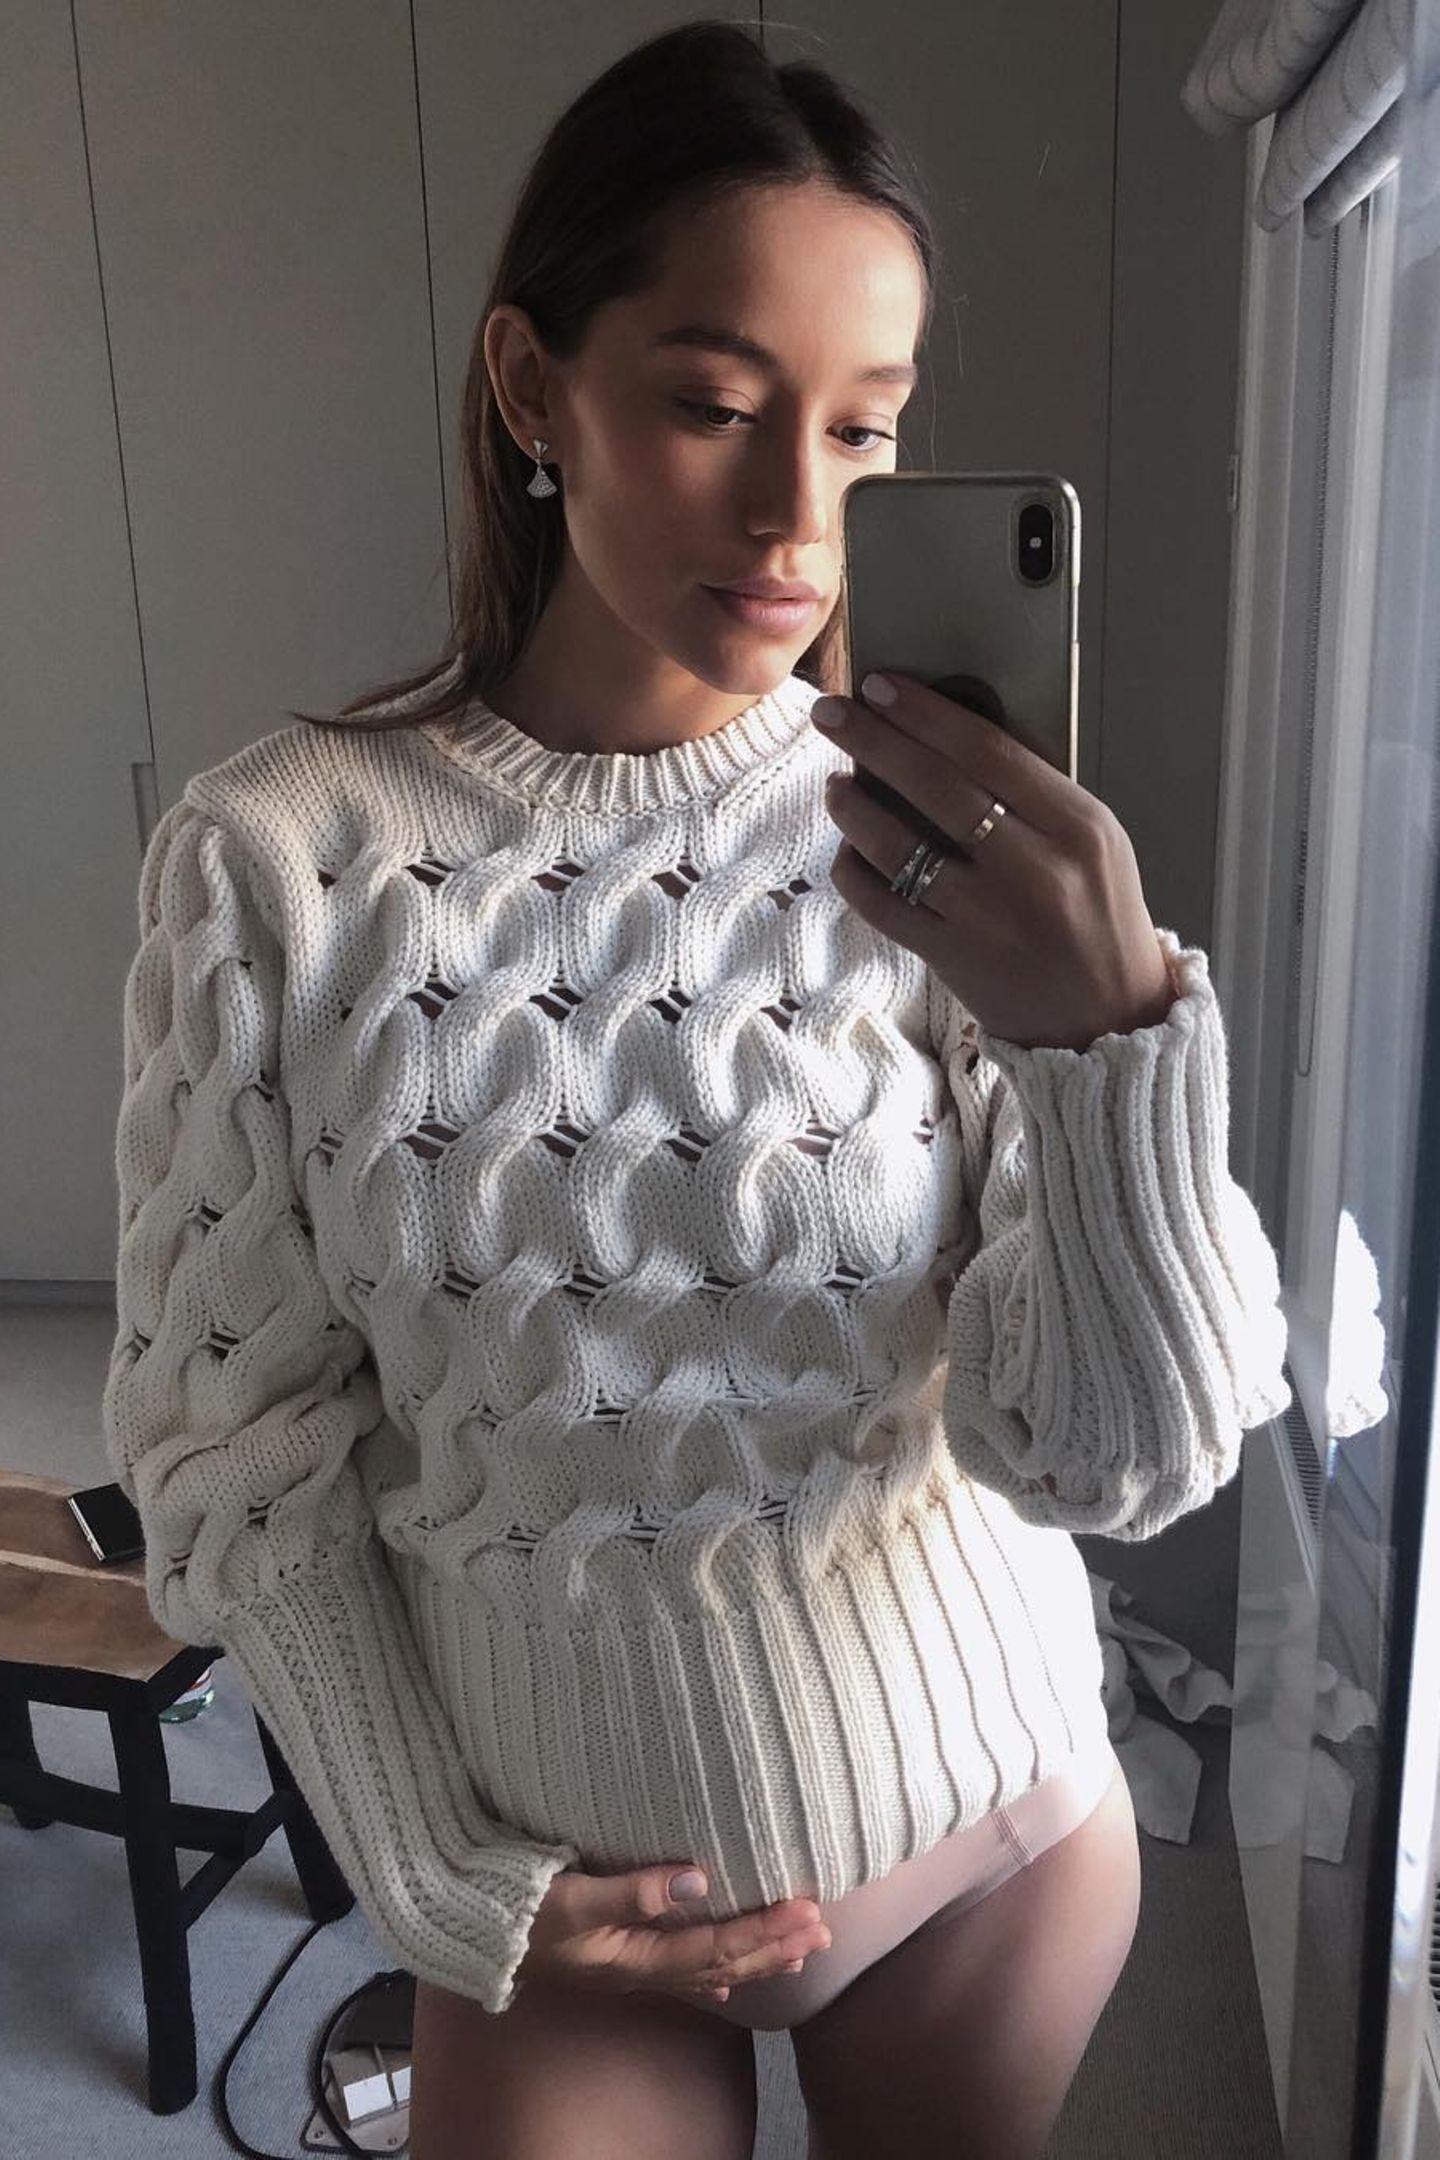 """""""hej my baby!"""" – mit diesen Worten teilt Anna Sharypova ihr Schwangeren-Glück mit einem Foto auf Instagram und lässt ihre Follower an dieser besonderen Zeit teilhaben. Behutsam hält die 30-Jährigeihre Hand auf ihrenBabybauch, den sie in einen kuscheligen, weißen Strickpullover hüllt. Das Baby krönt die große Liebe von Anna und ihrem Mann André Schürle."""